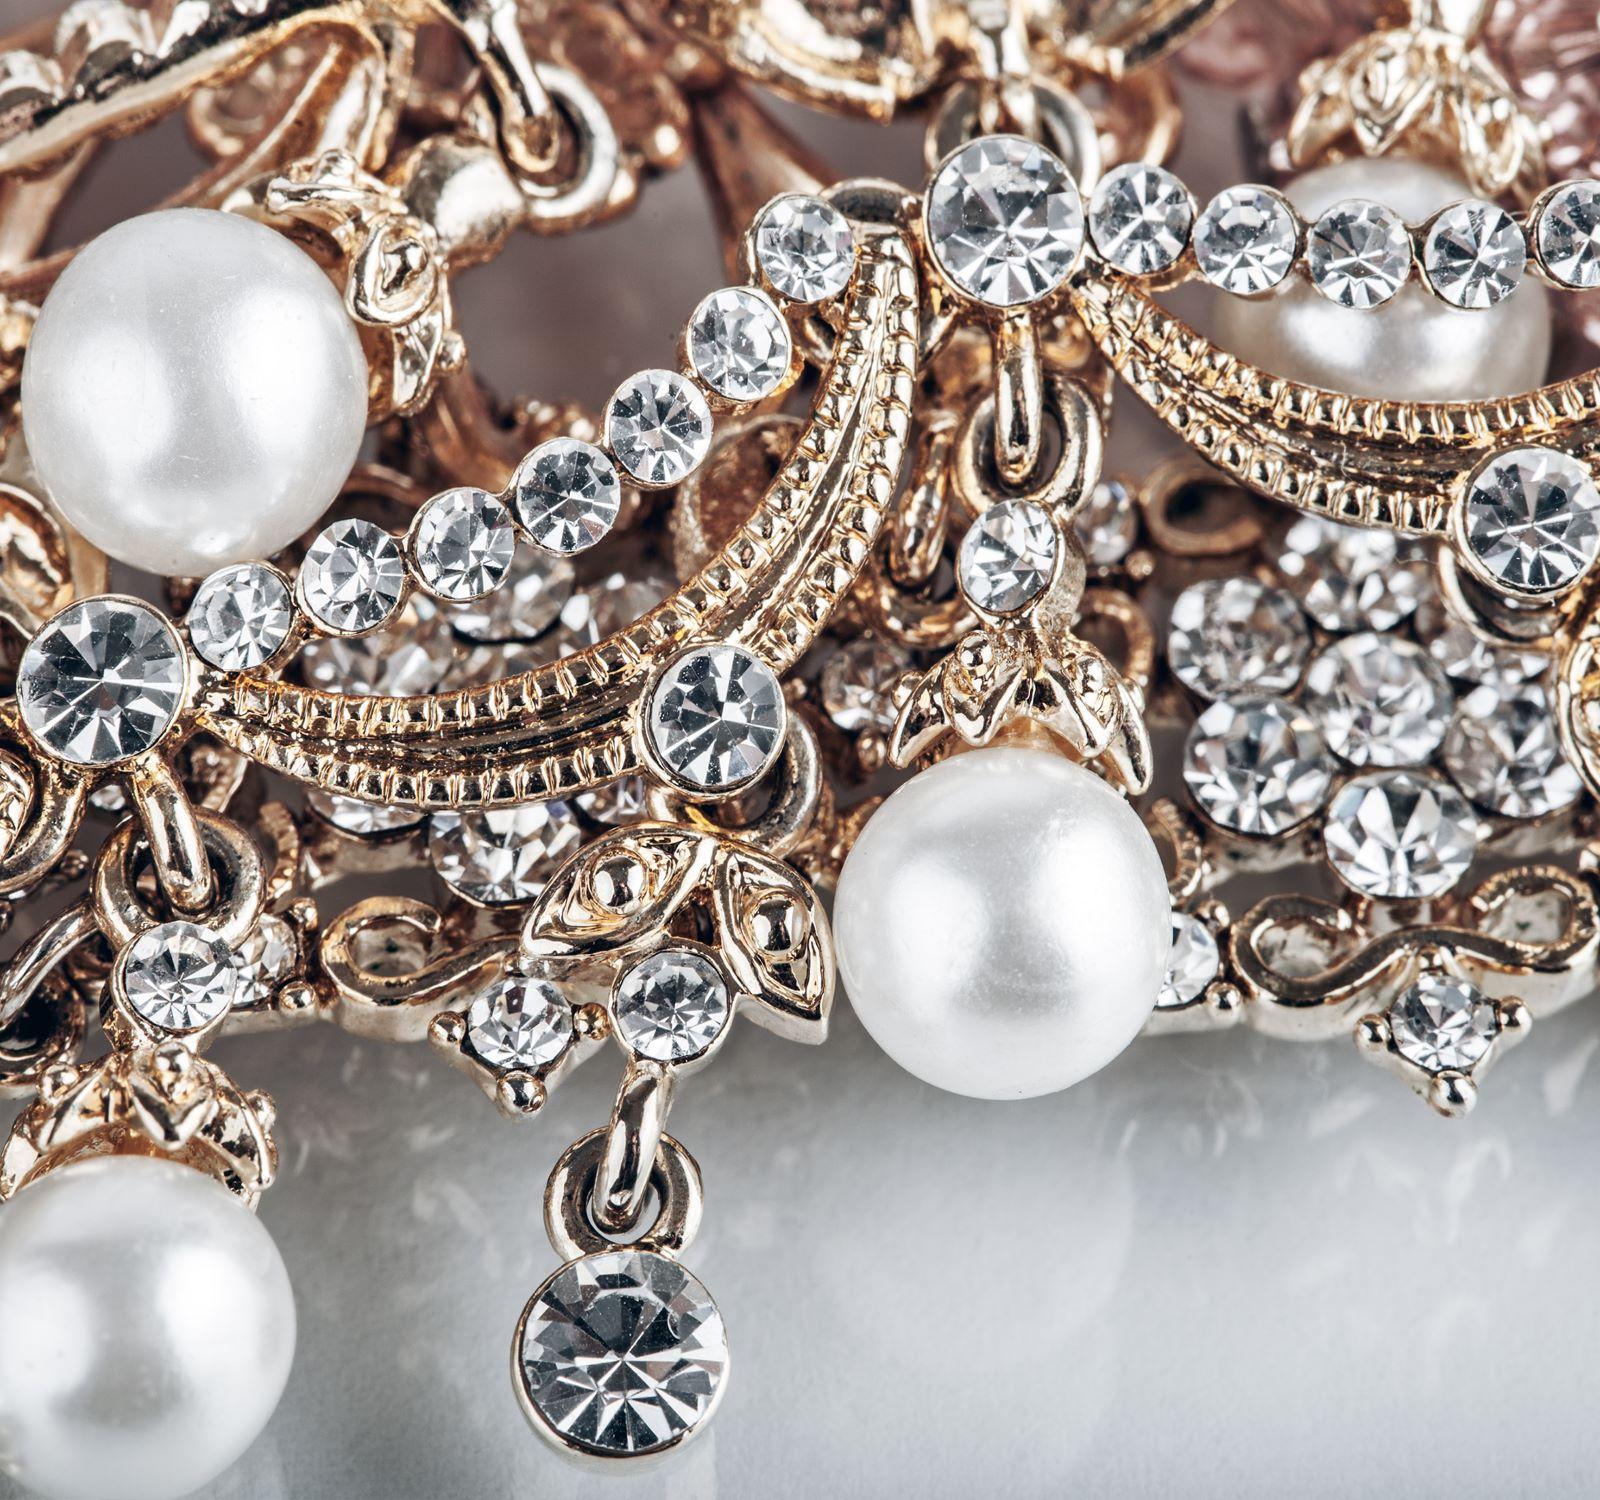 Verschiedene Schmuckstücke aus Rosé-Gold mit Perlen und Diamanten